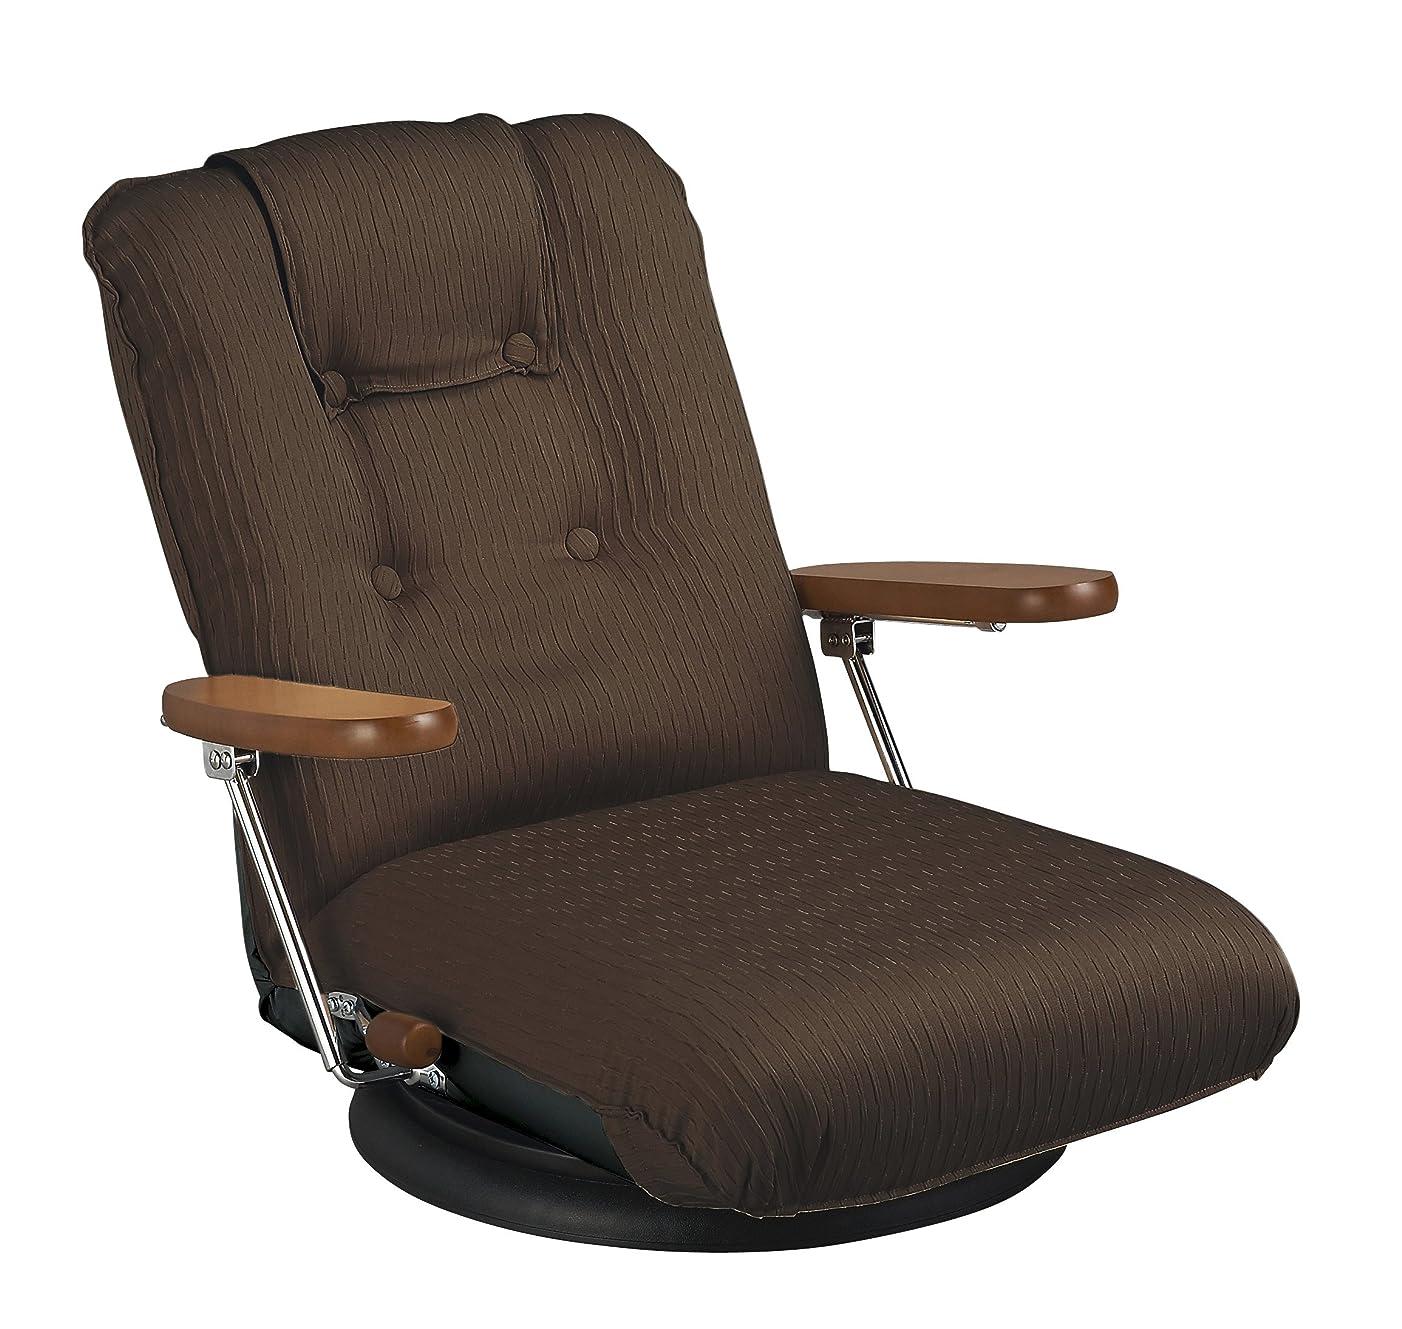 突撃電極食事を調理する宮武製作所 ポンプ肘式回転座椅子 YS-P1375 BR ブラウン 2548